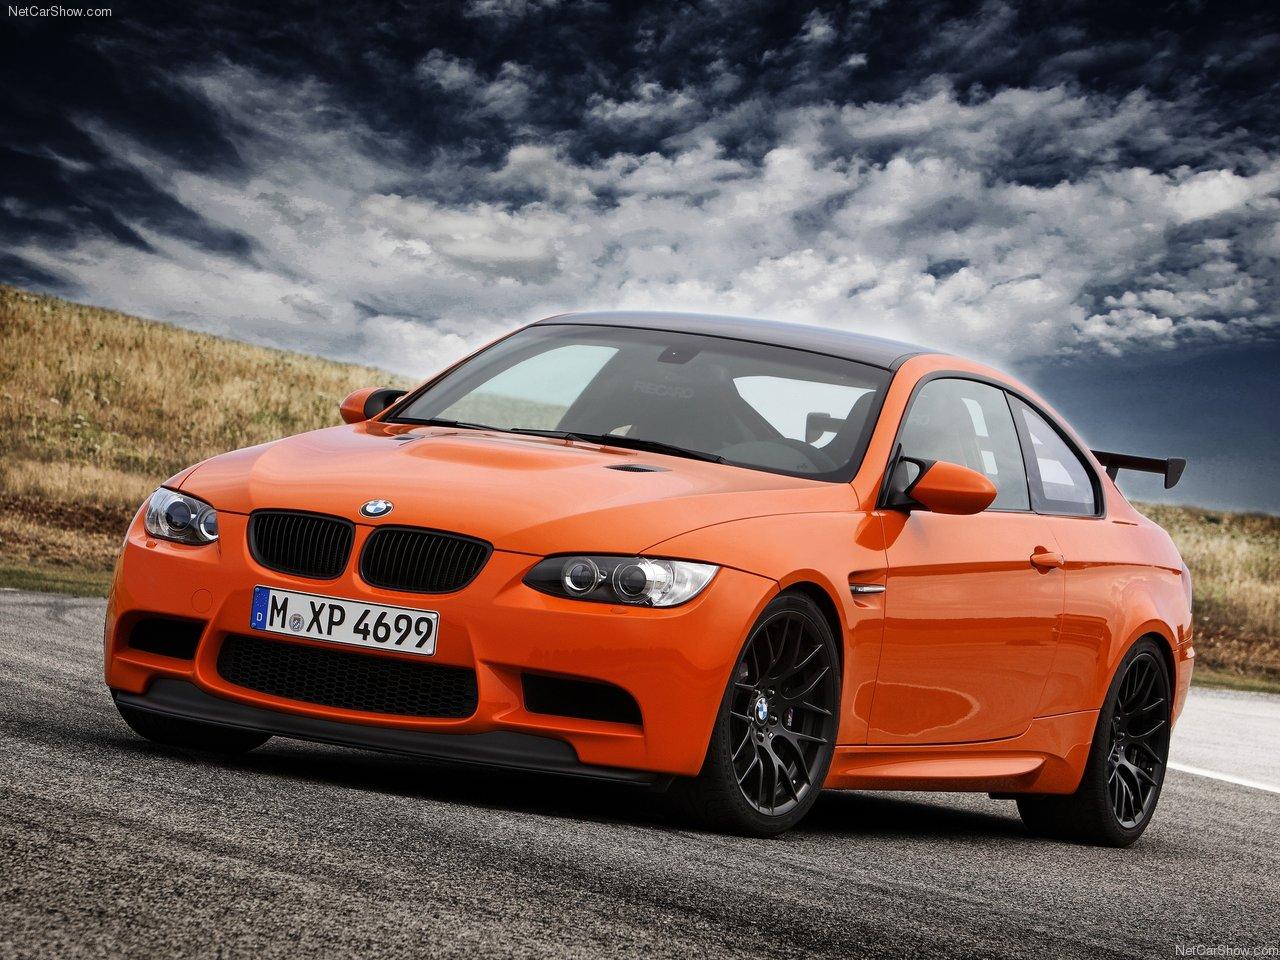 http://1.bp.blogspot.com/_3V1YR3u6VBg/THQggJubt5I/AAAAAAAAFN8/sxyQGg747PQ/s1600/BMW-M3_GTS_2011_1280x960_wallpaper_01.jpg